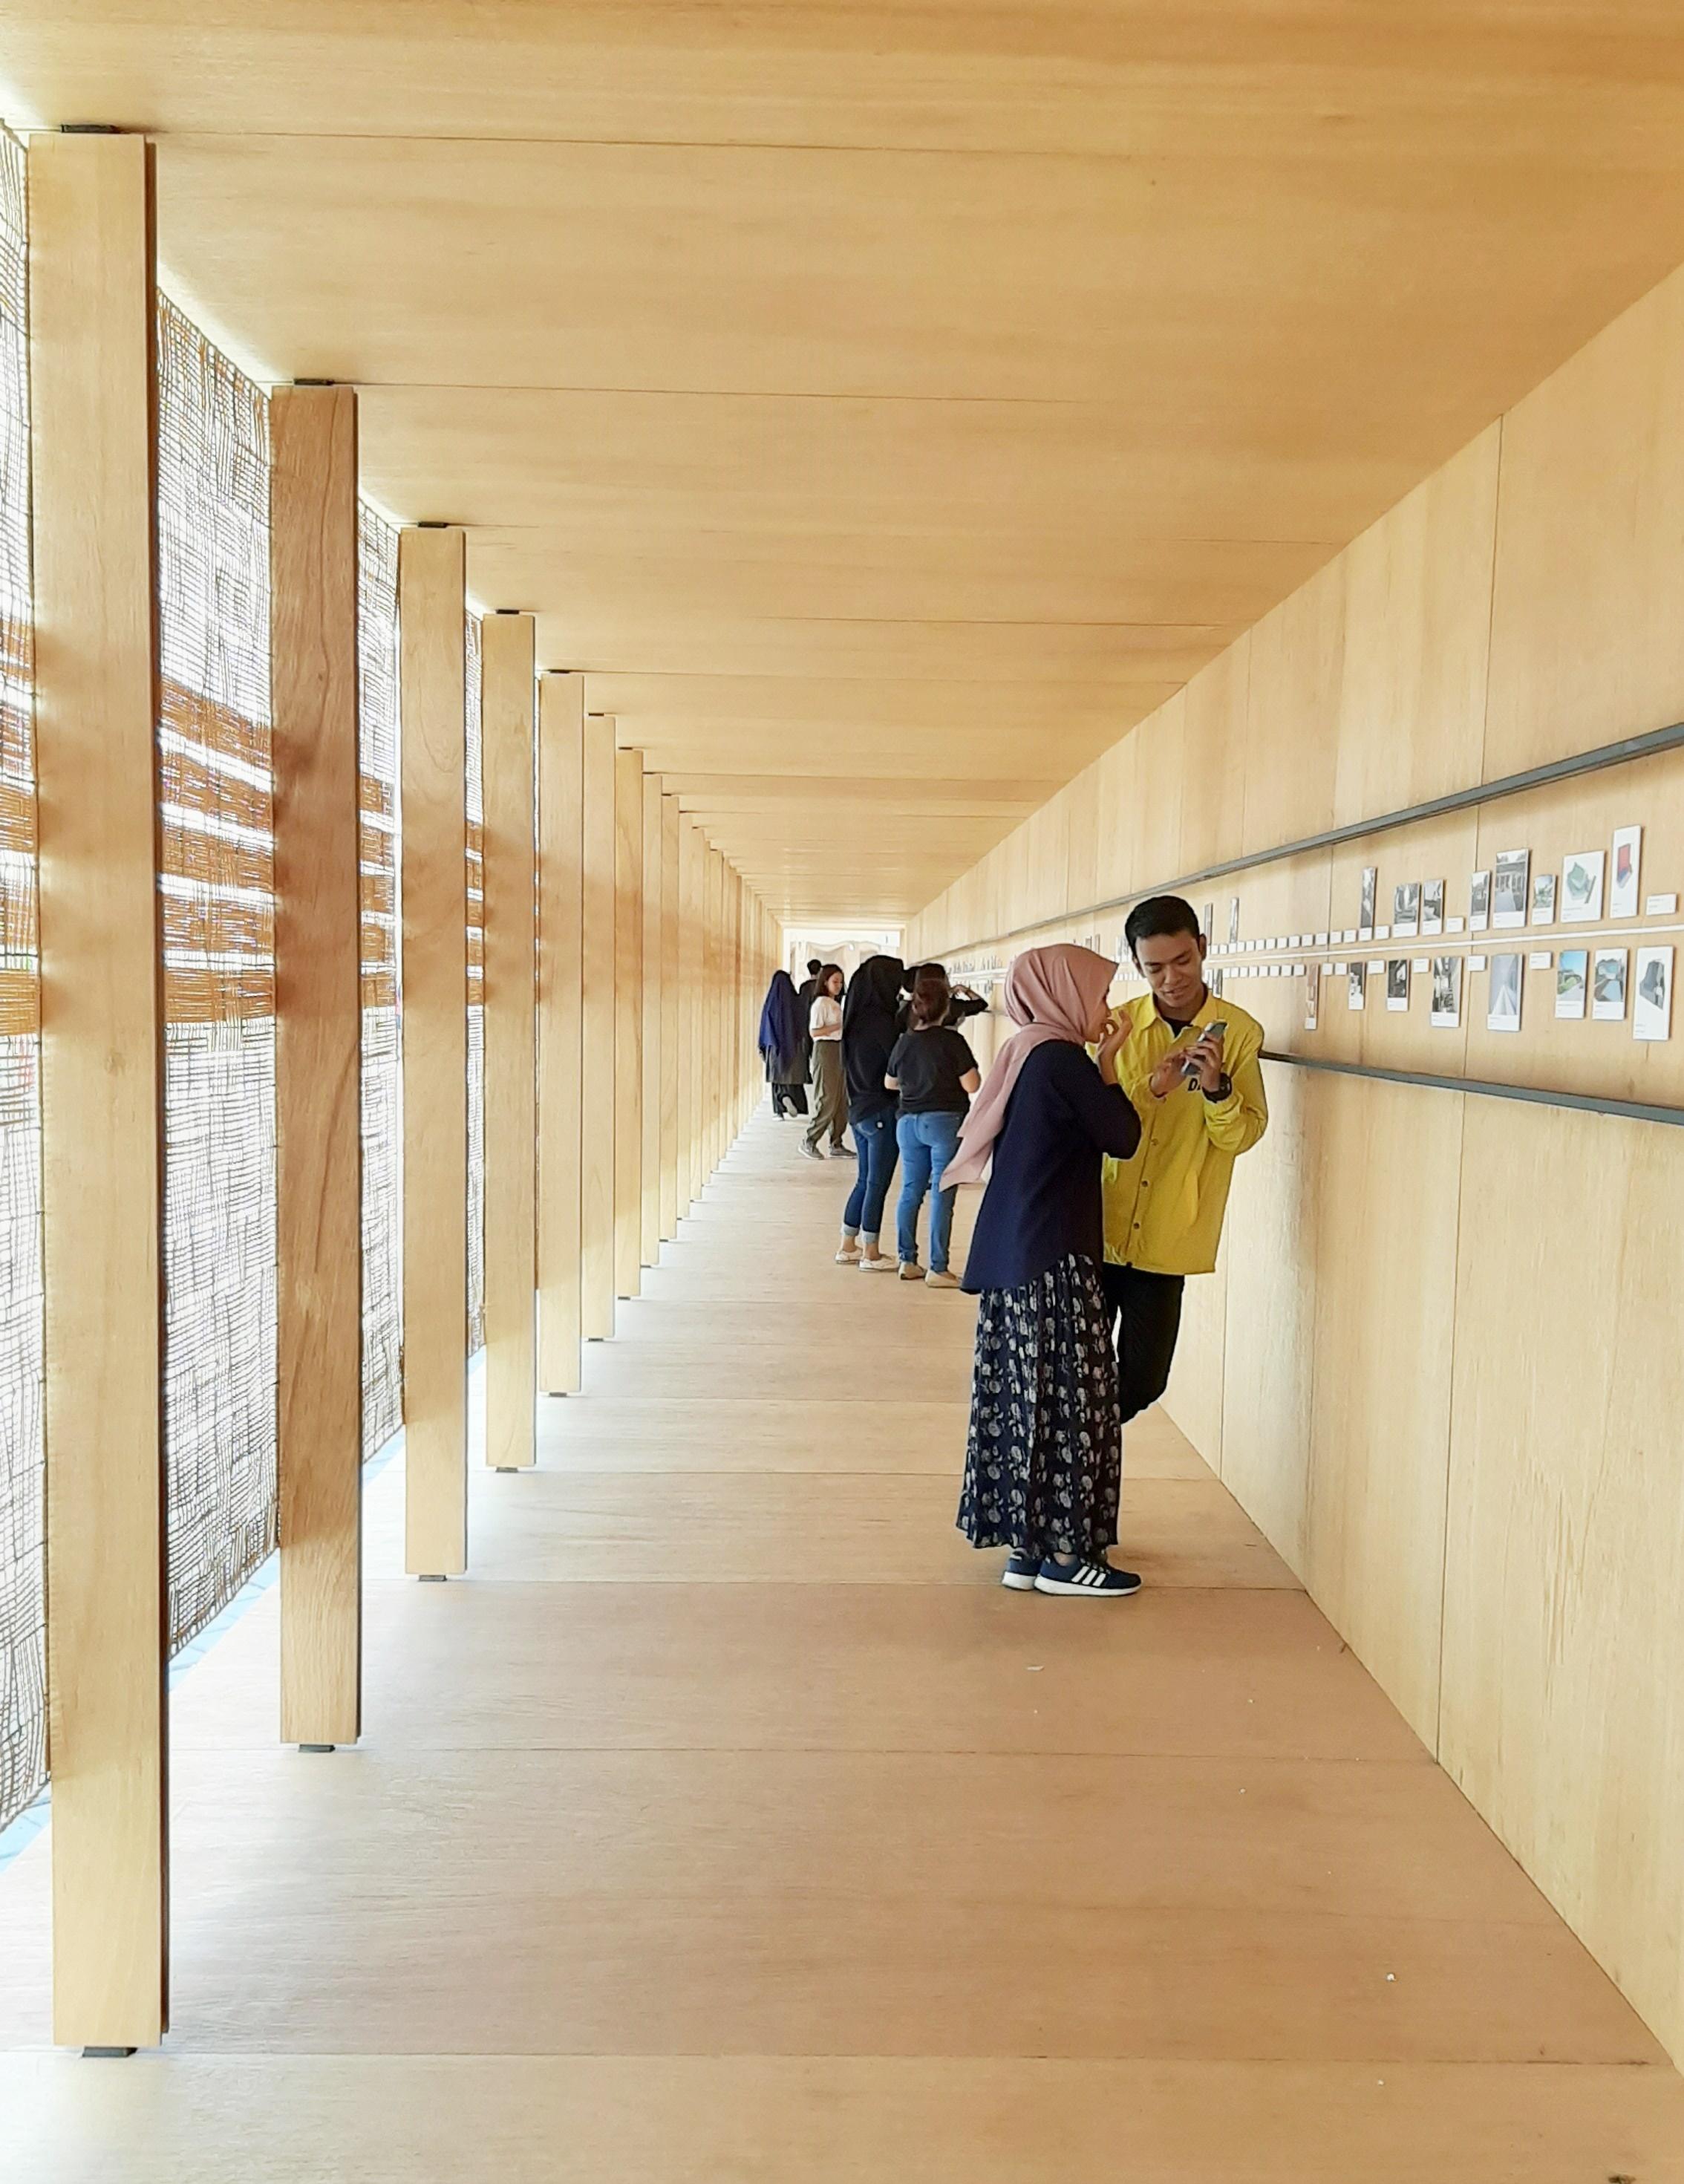 lorong pintu utama yang berisi linimasa karya